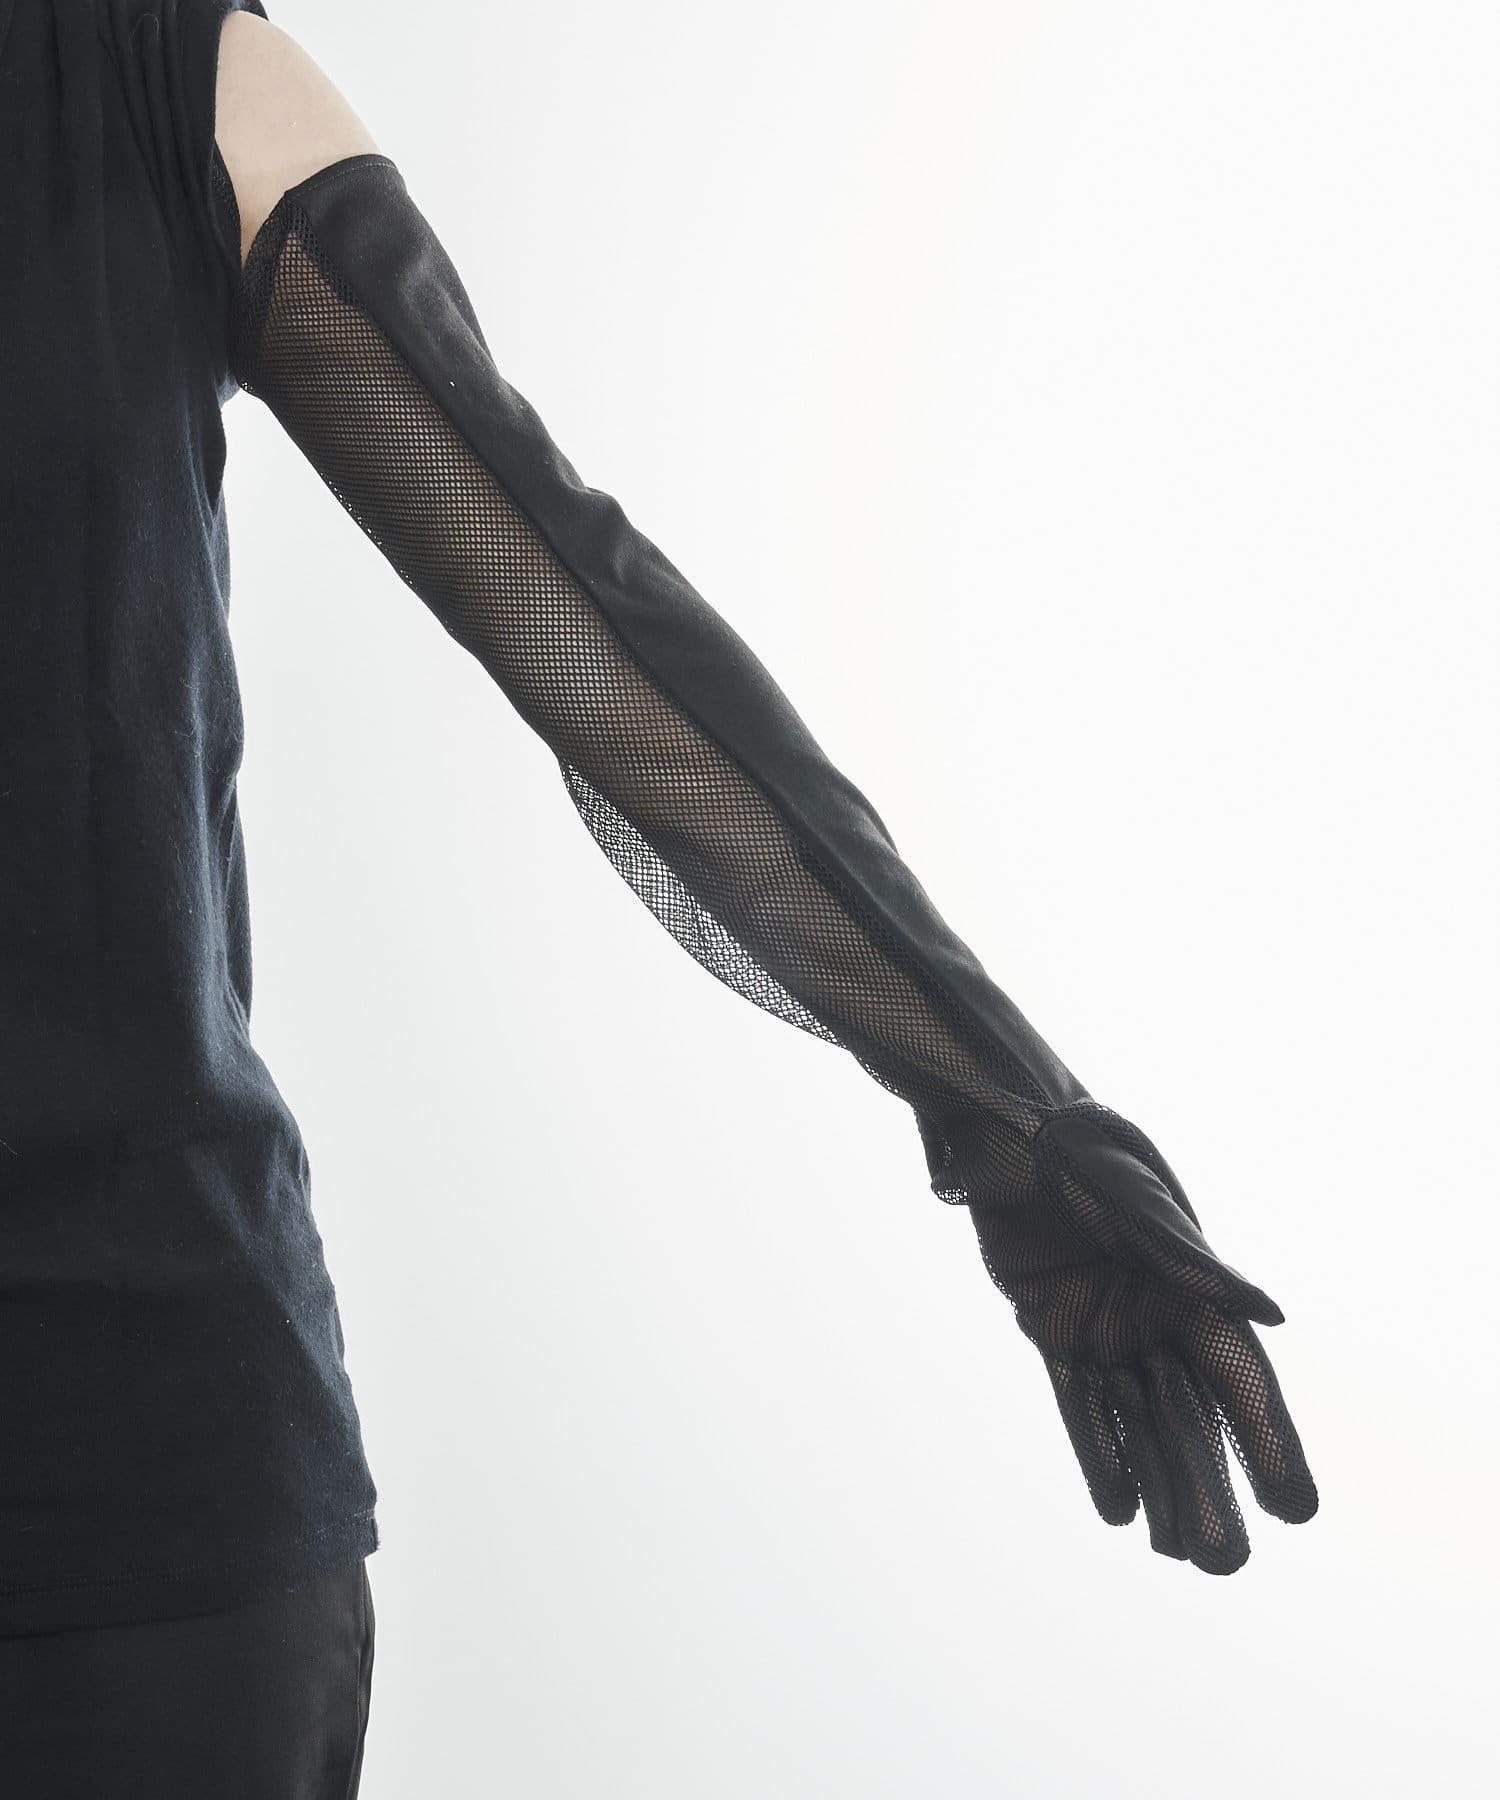 3COINS(スリーコインズ) ライフスタイル 【快適な日差し対策】冷感グローブロング丈 ブラック